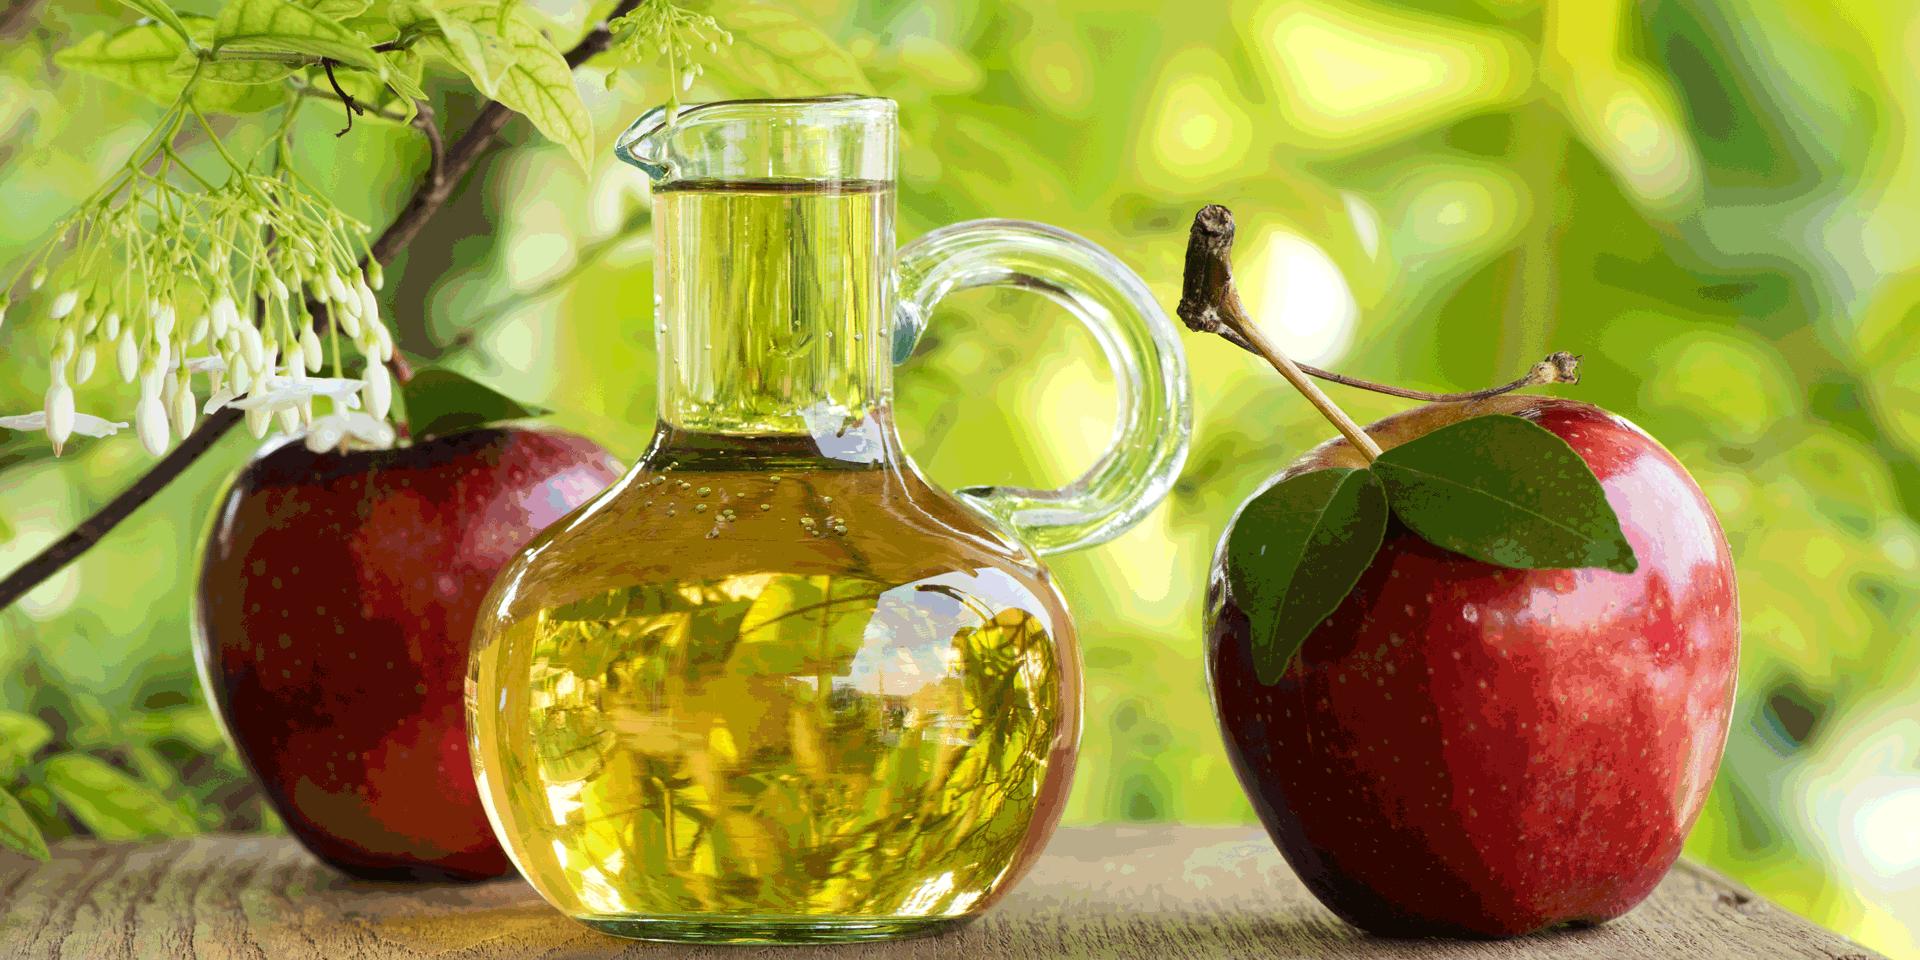 Bal, Elma Sirkesi ve Ilık Su Karışımı Neye İyi Gelir